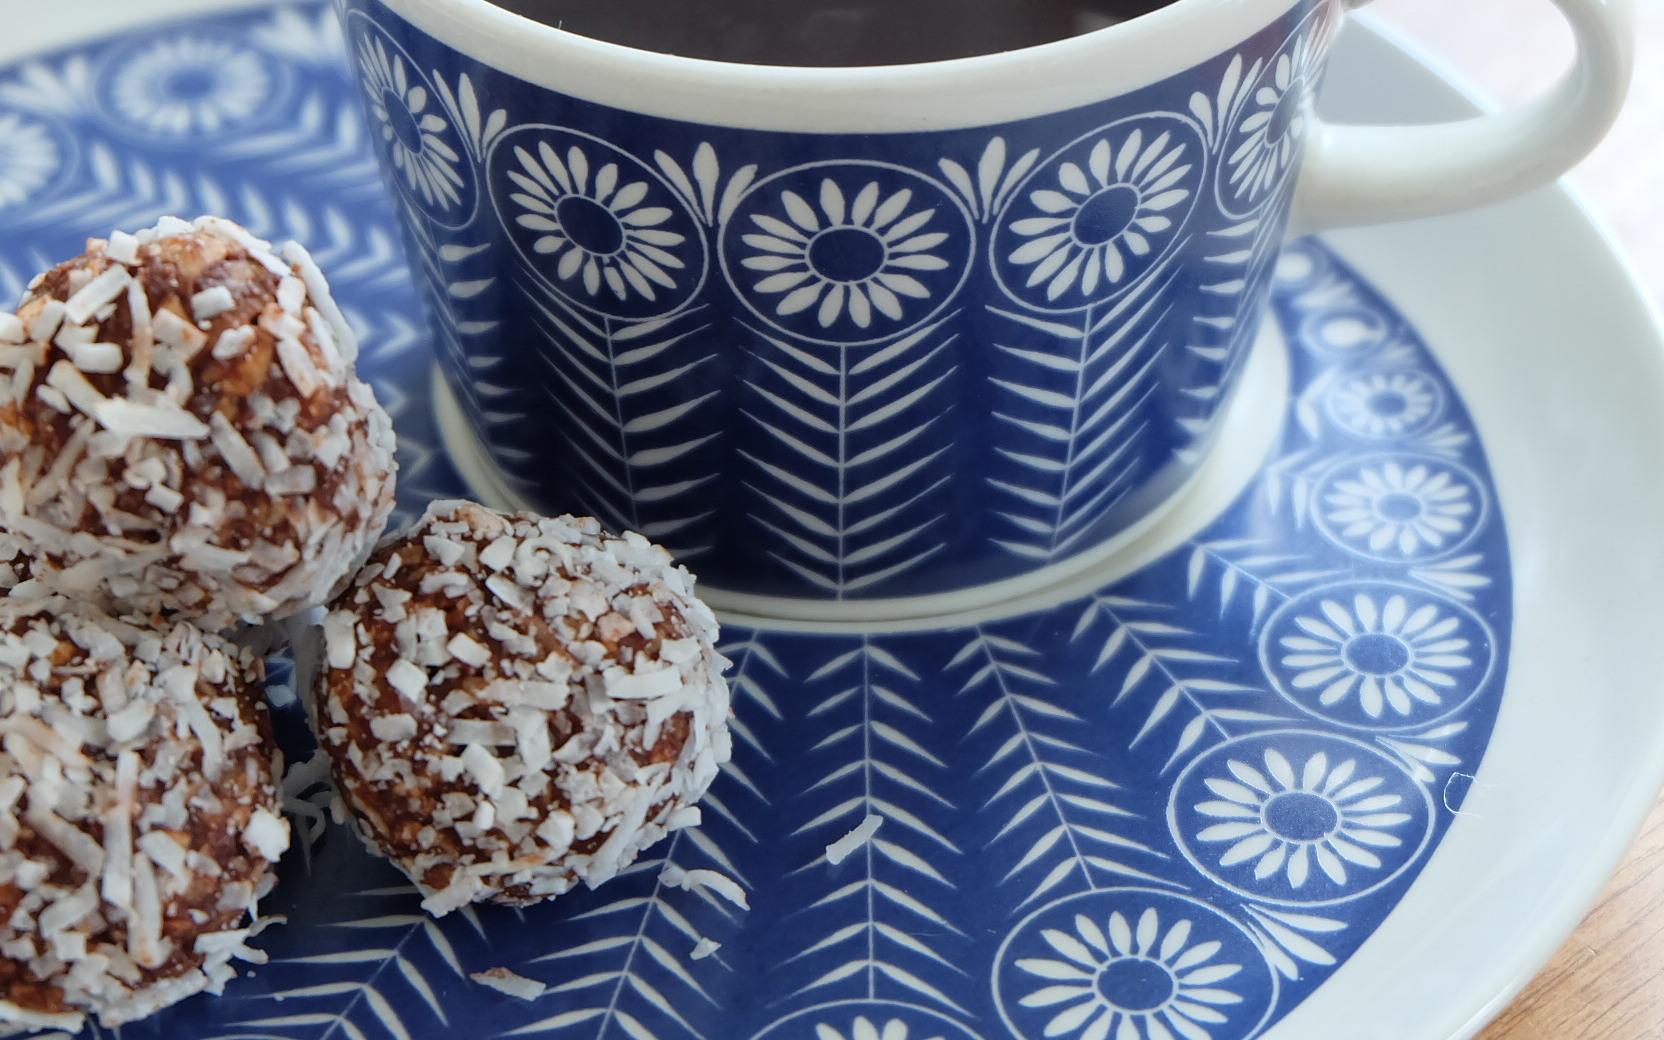 暑い夏はオーブンなんて使いたくない! 夏のFikaにオススメの手作りチョコレート菓子